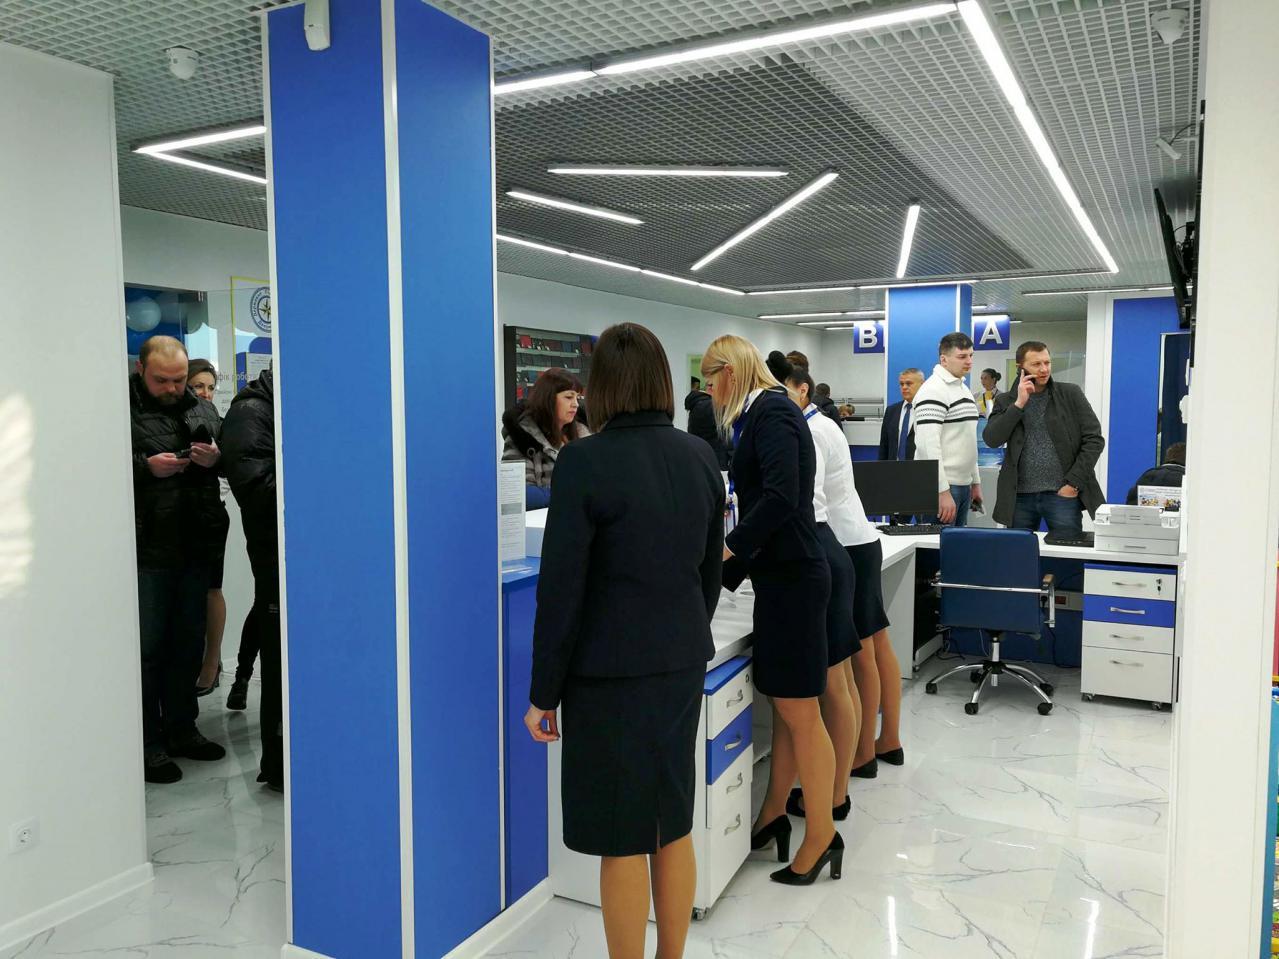 Паспорт-сервіс для «багатих і ледачих»? Чи де у Вінниці біо-паспорти без черги за 1408 гривень?